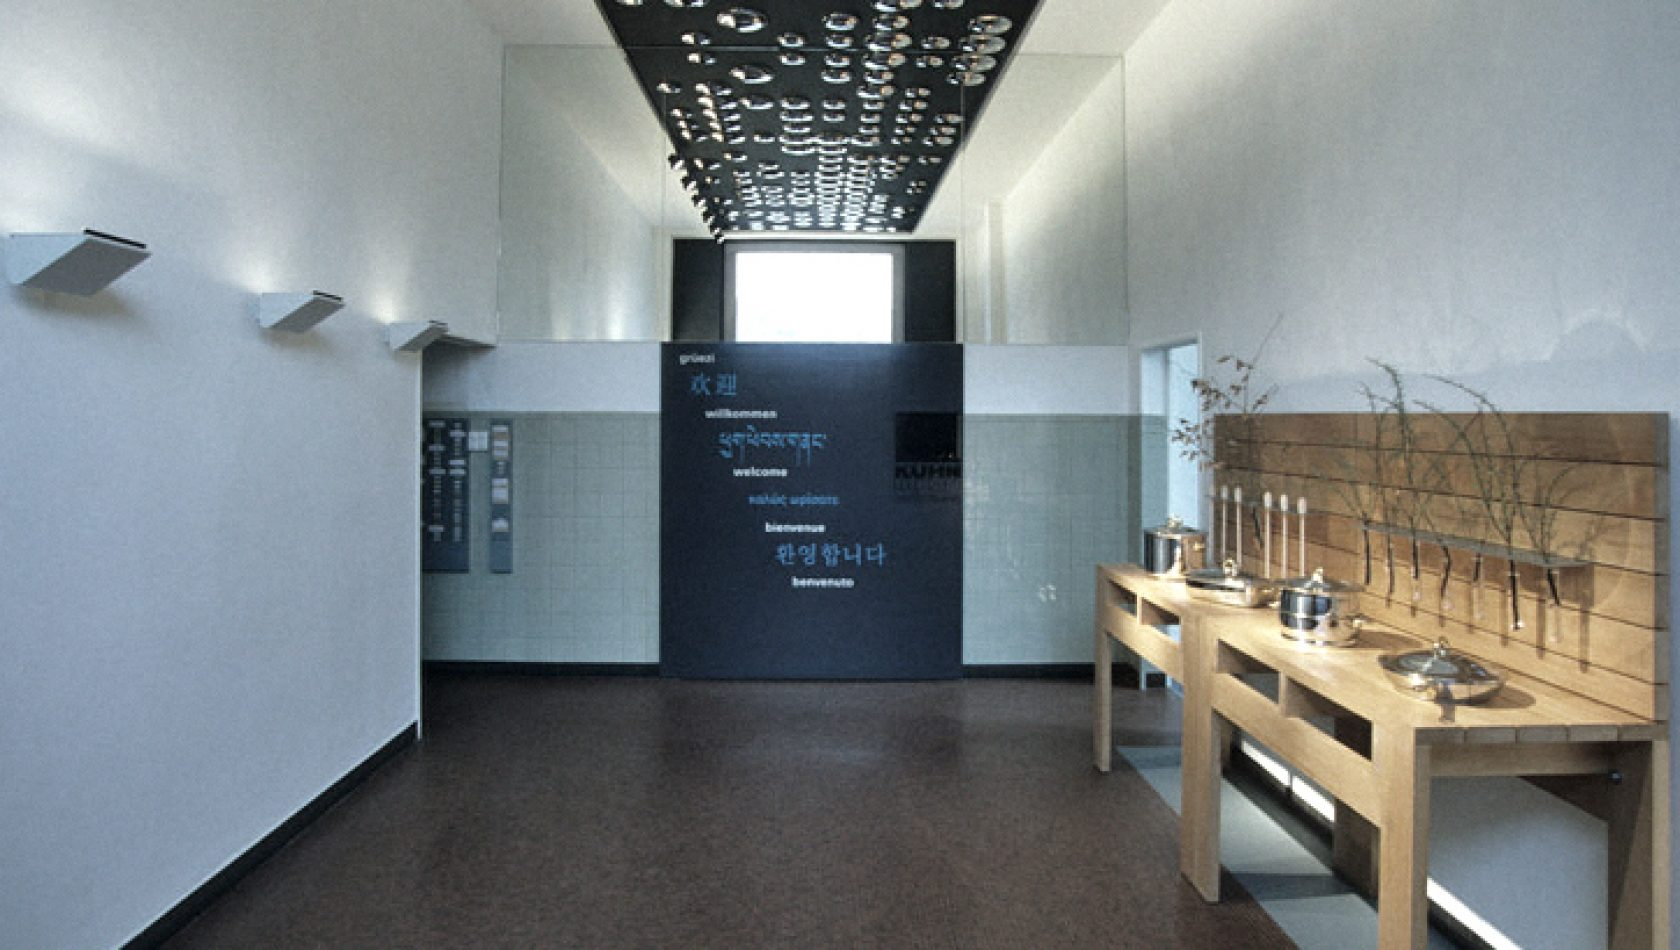 Eingangshalle Kuhn Rikon - by MANTEL Architects